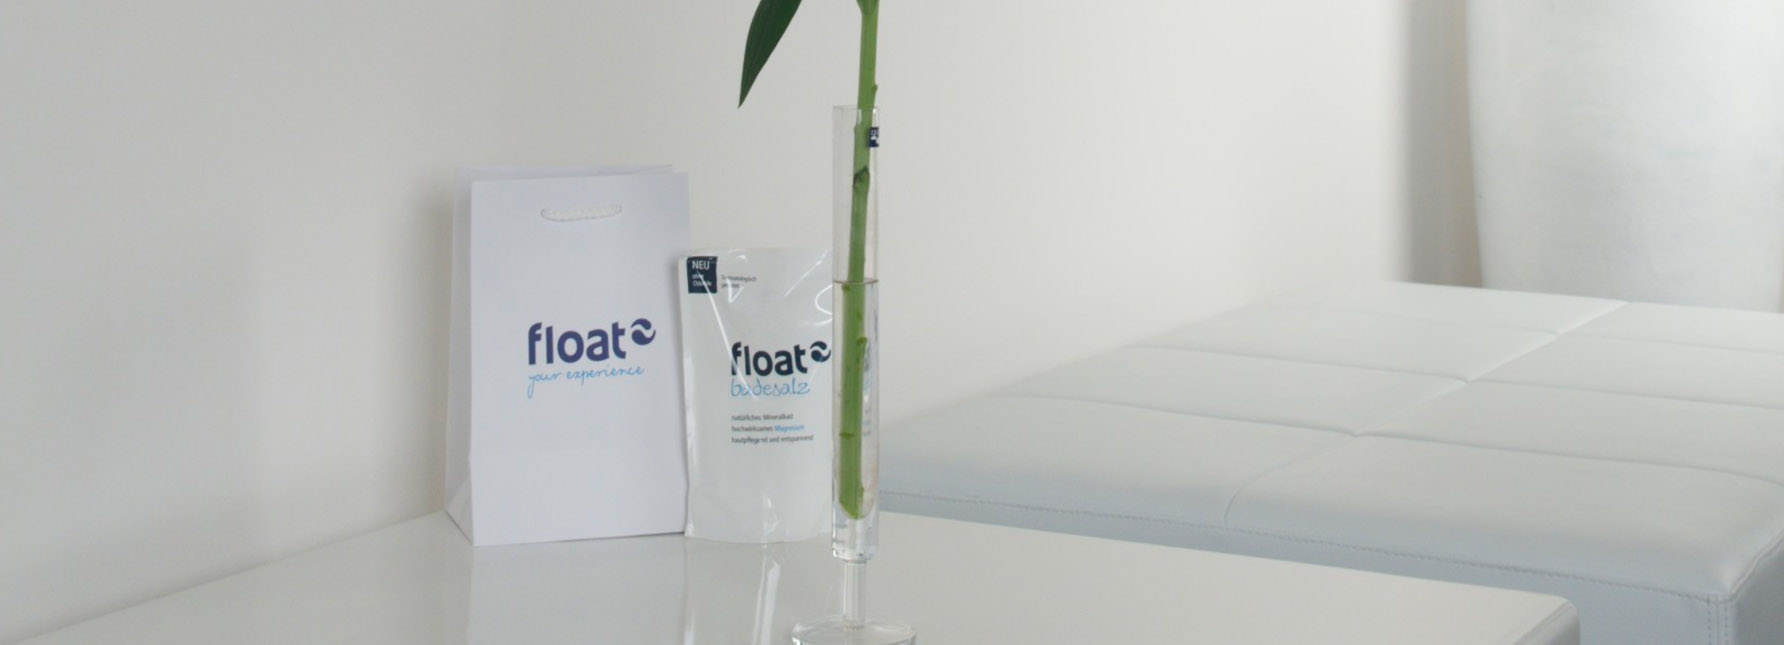 Float Impressum